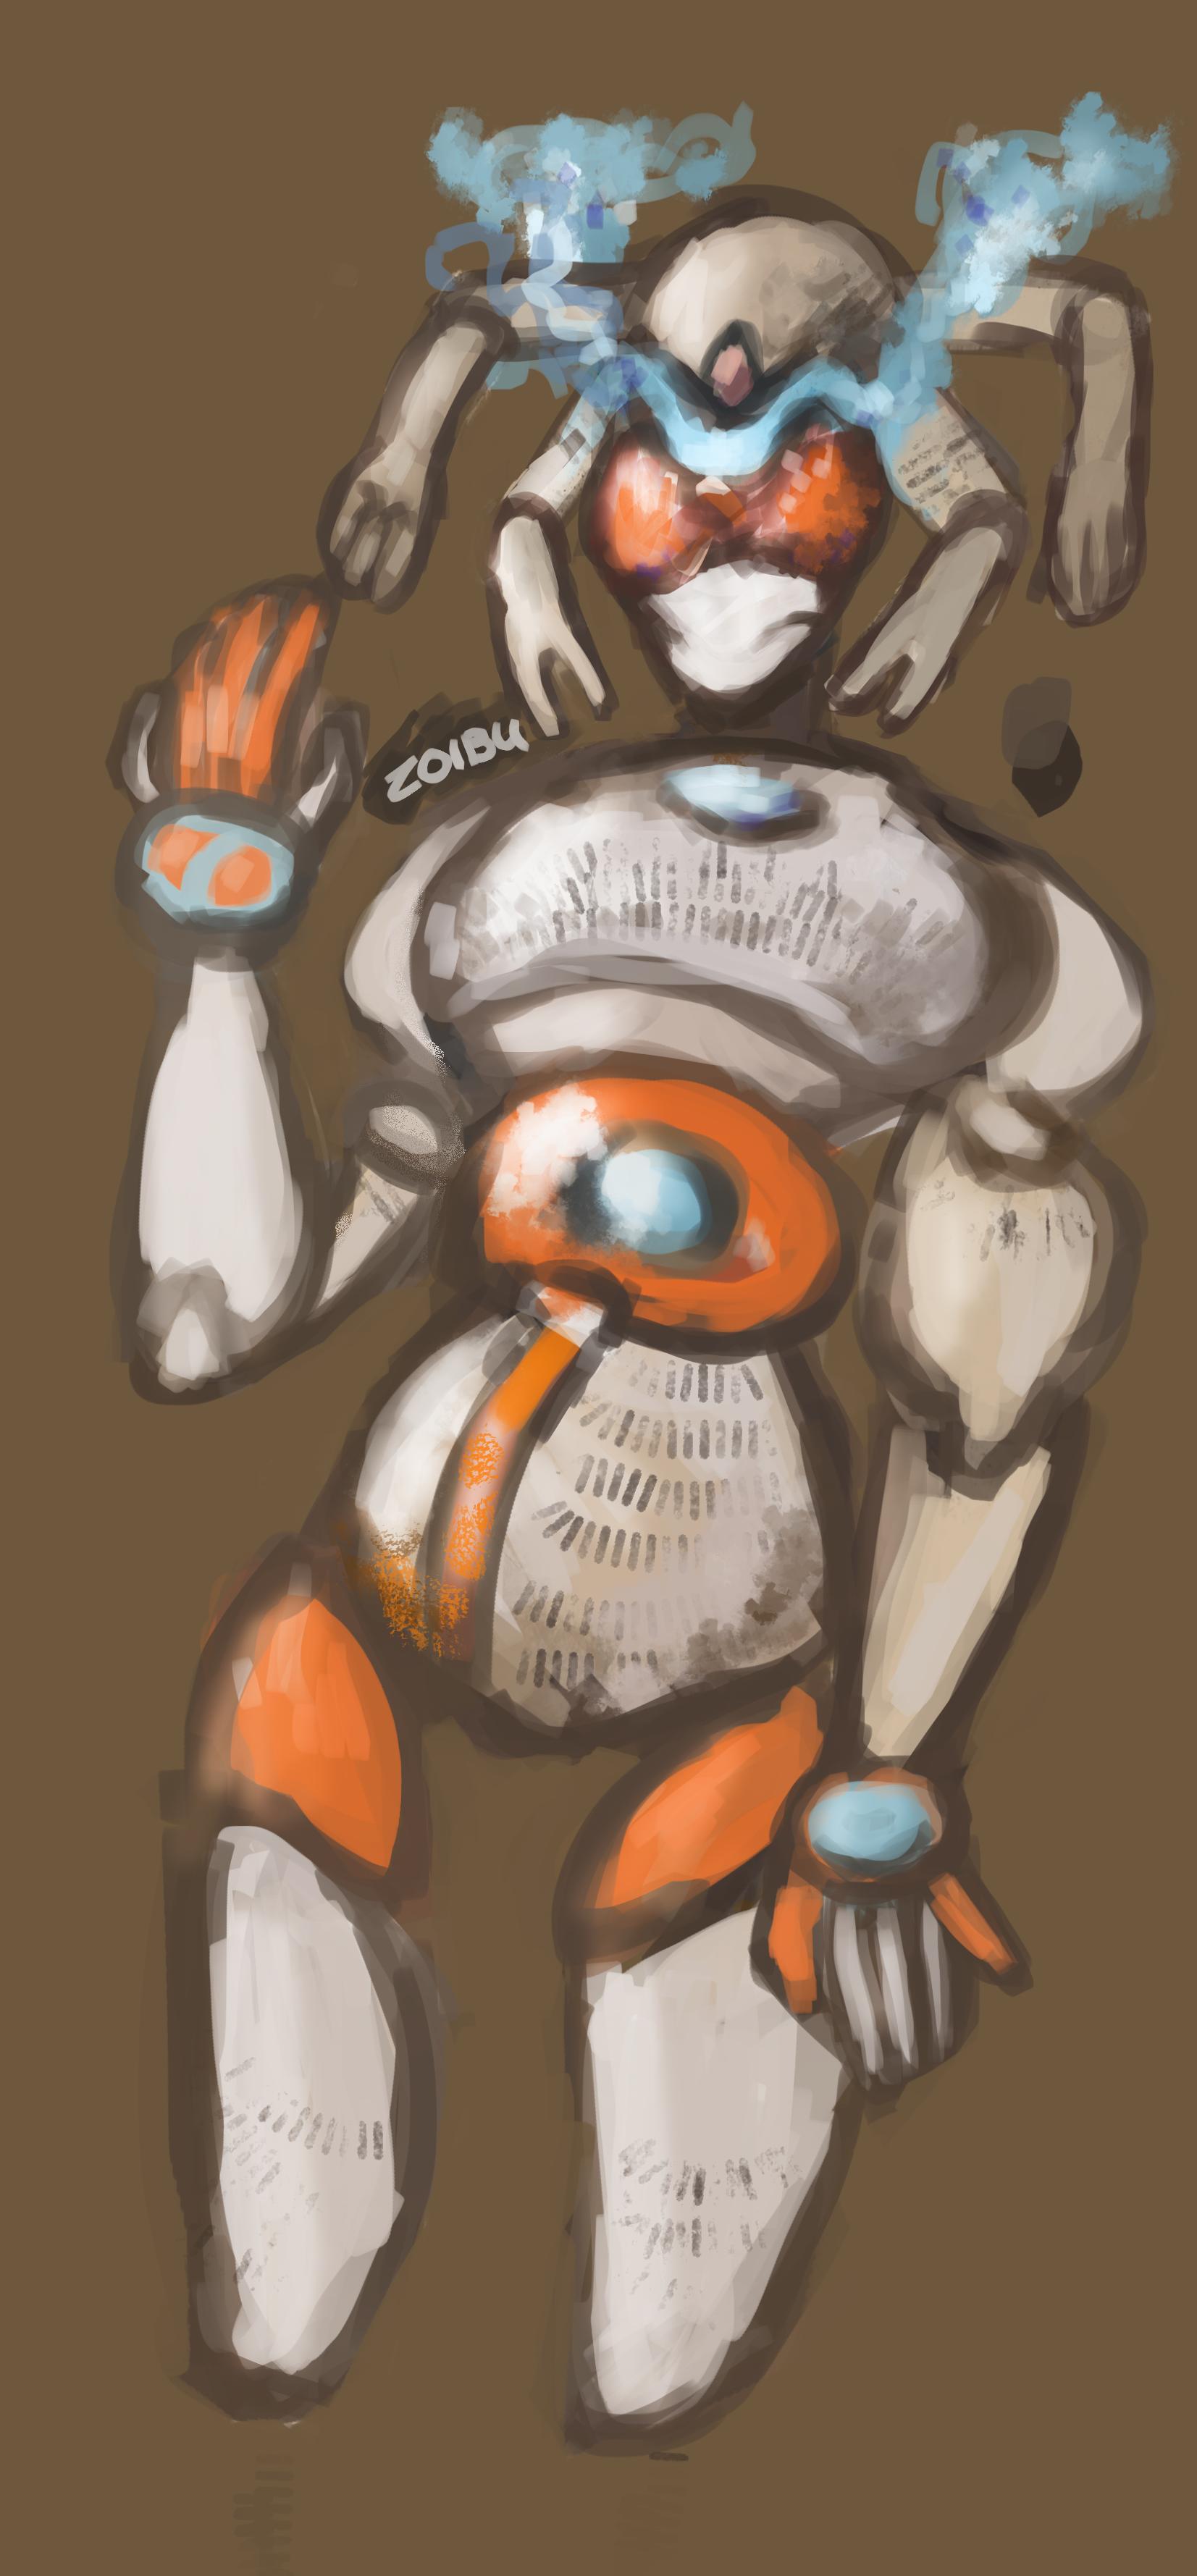 Robotic creature